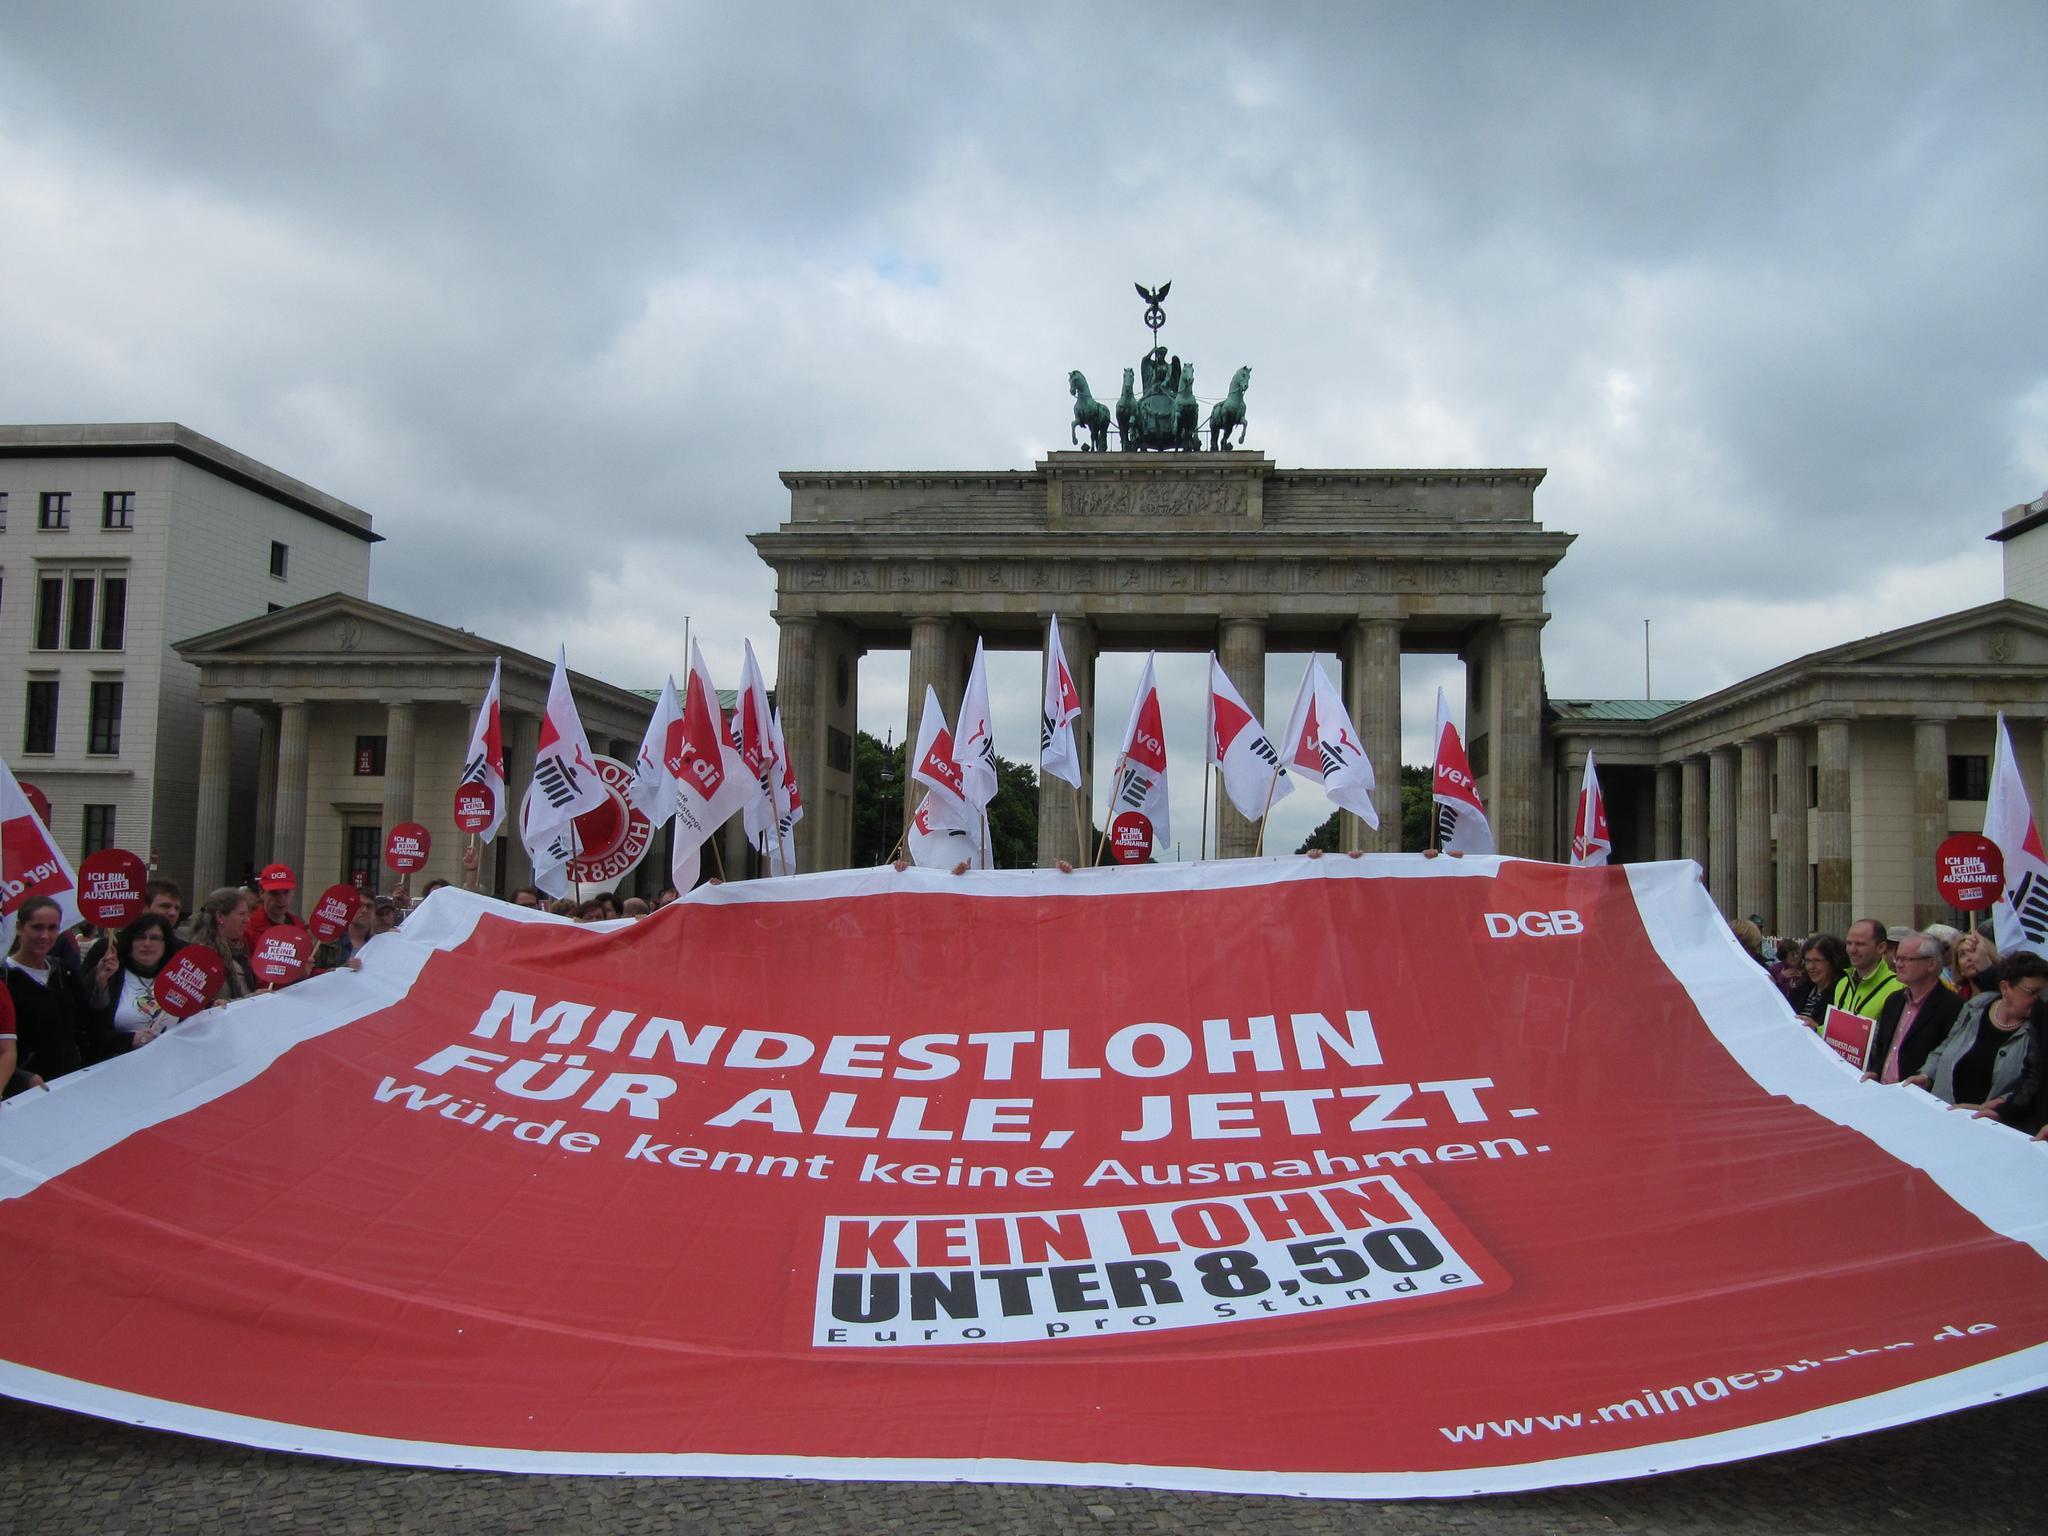 Milo-Plakat vor dem Brandenburger Tor